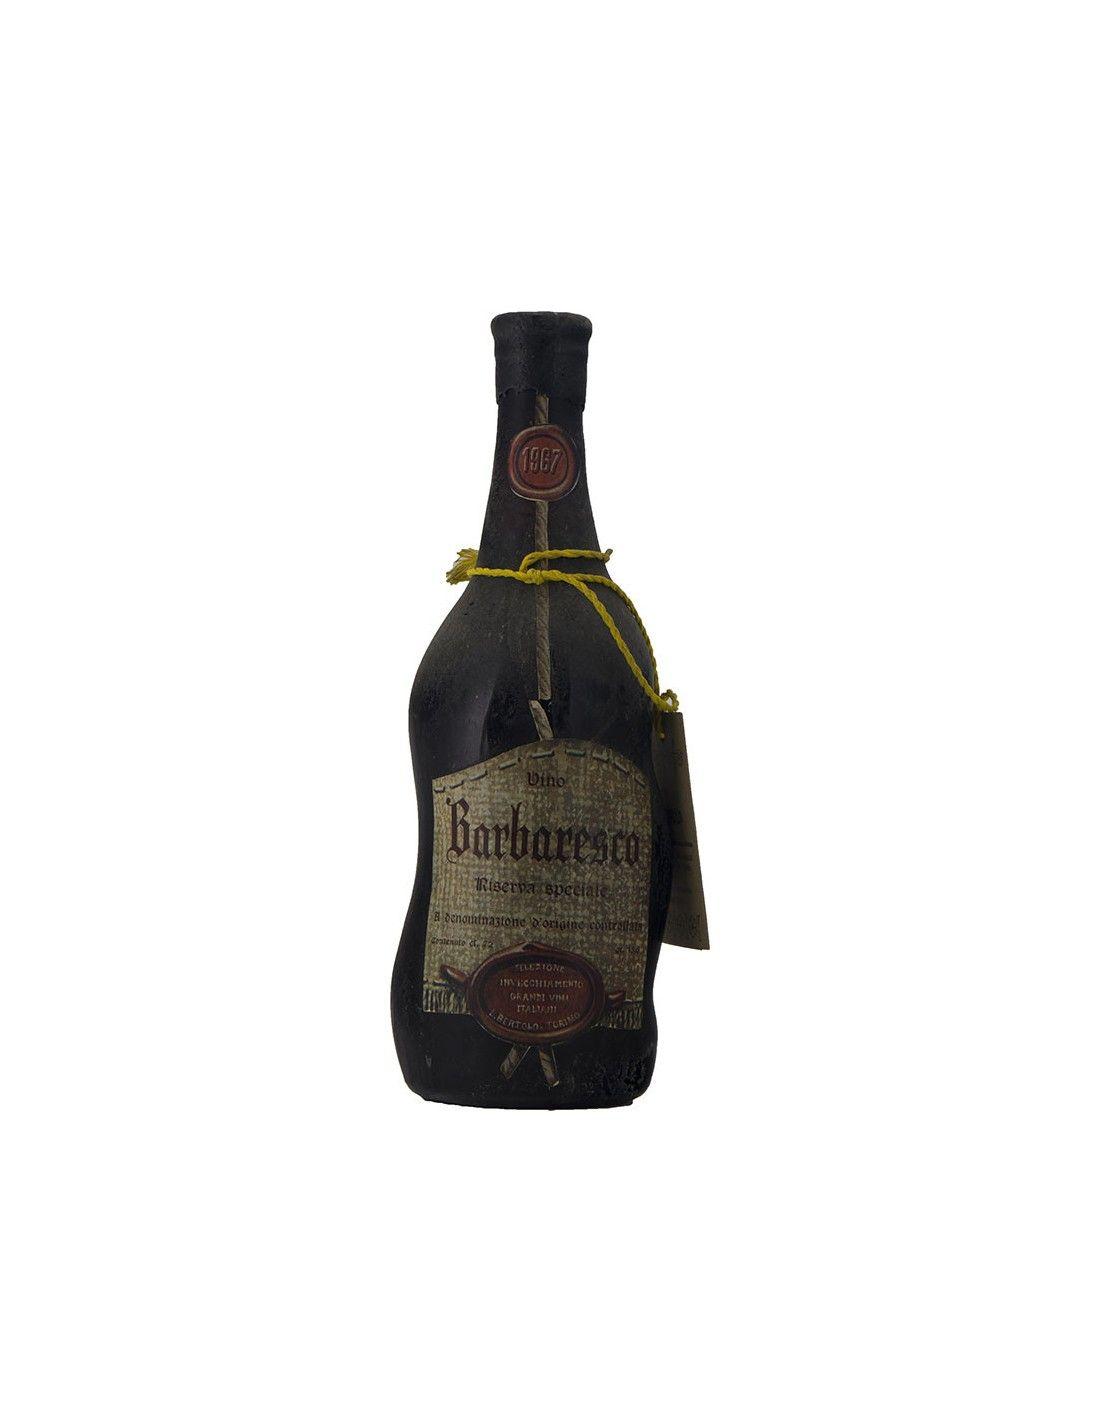 BARBARESCO RISERVA SPECIALE 1967 BERTOLO Grandi Bottiglie